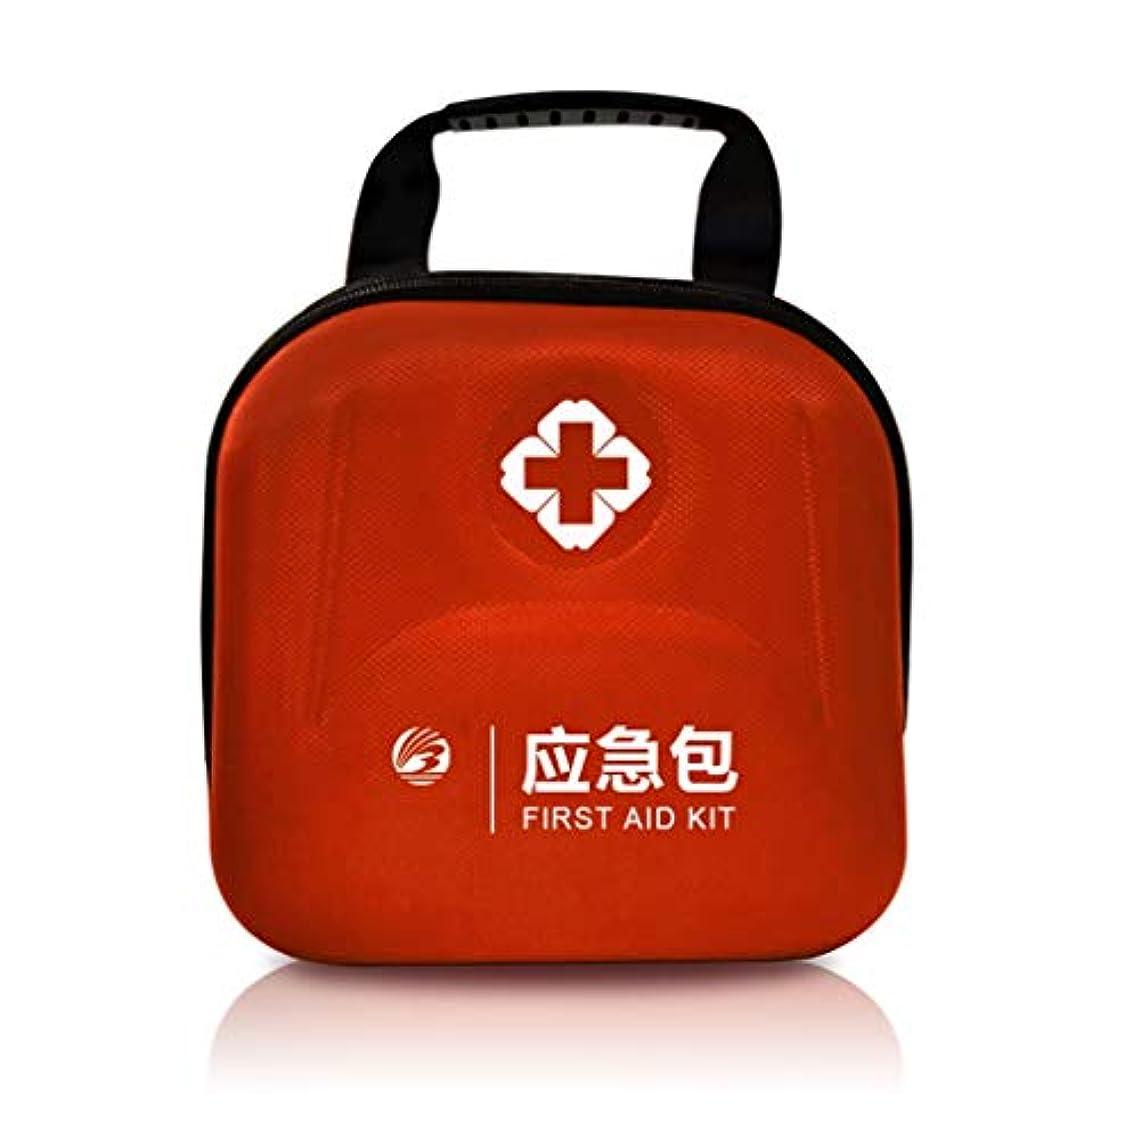 脅威レビュアー部分的に緊急用バッグ ホームスポーツ/ 4オプションの色に適した携帯用救急箱屋外車キット旅行医療バッグ HMMSP (Color : Orange)